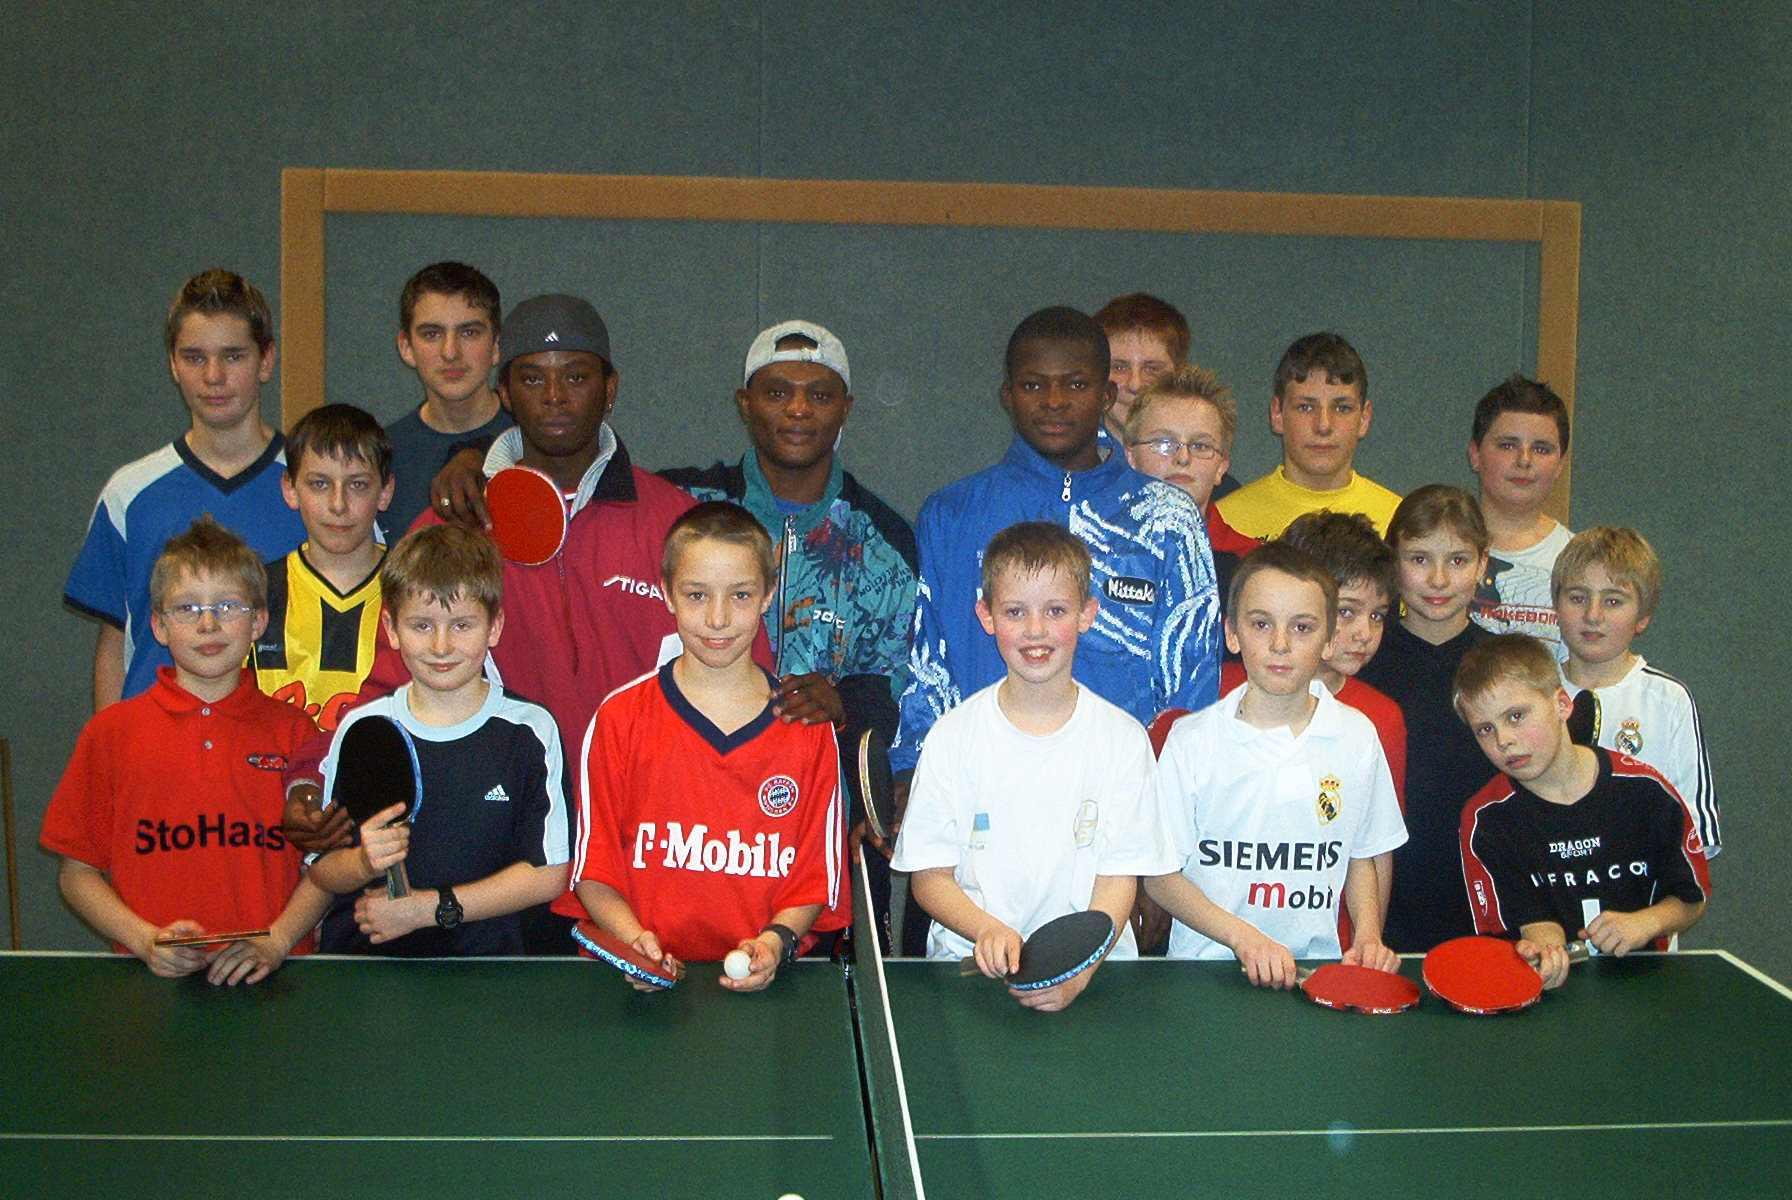 Adedapo Akiode 5.v.l.), ehemaliger Jugend-Afrikameister, trainierte Anfang der 2000er Jahre den Hülser Tischtennis-Nachwuchs.